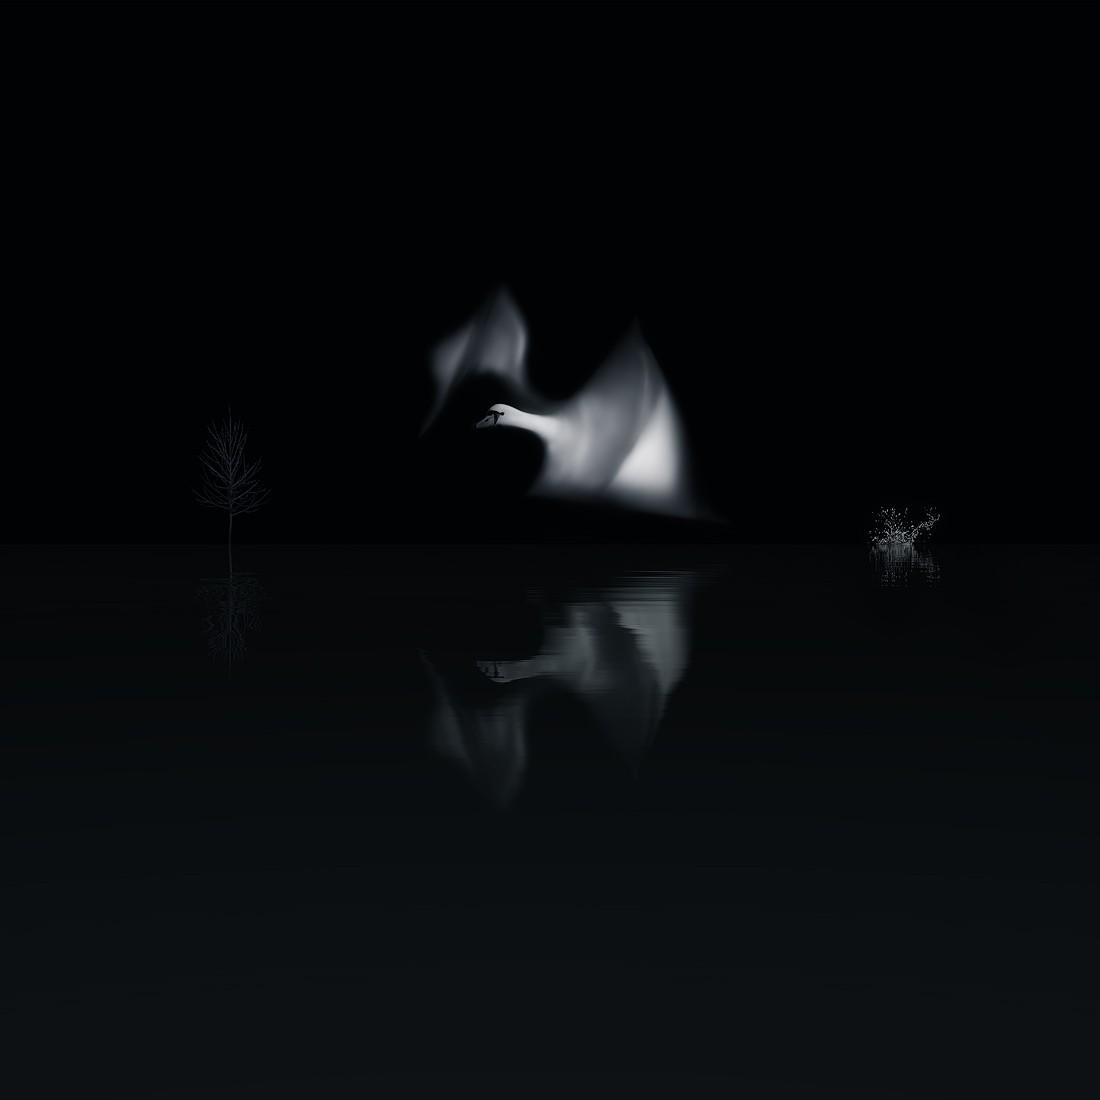 Летящий лебедь. Фотограф Дэвид Сюй